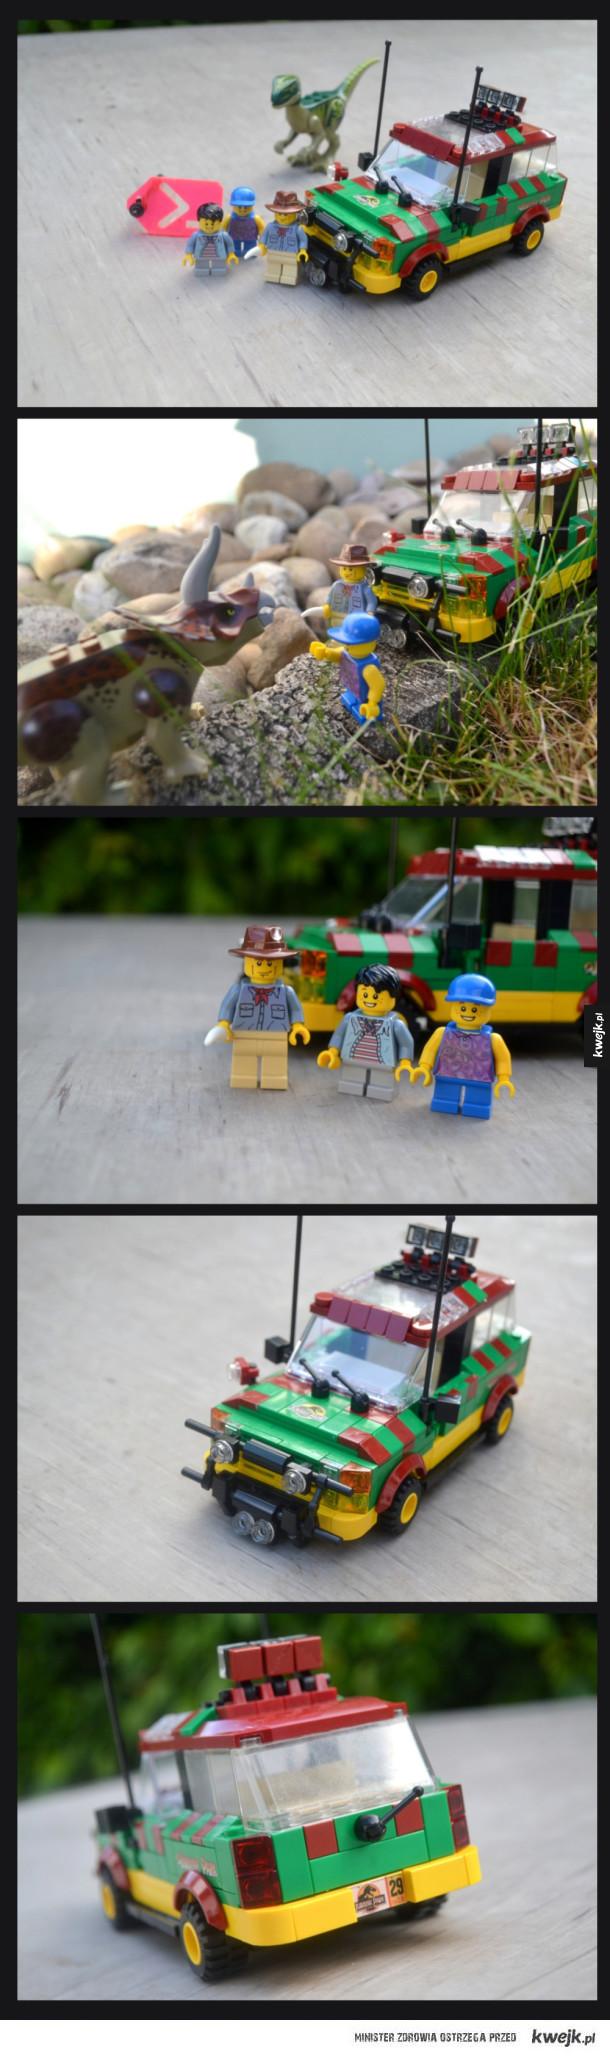 Jurassic park wersja lego